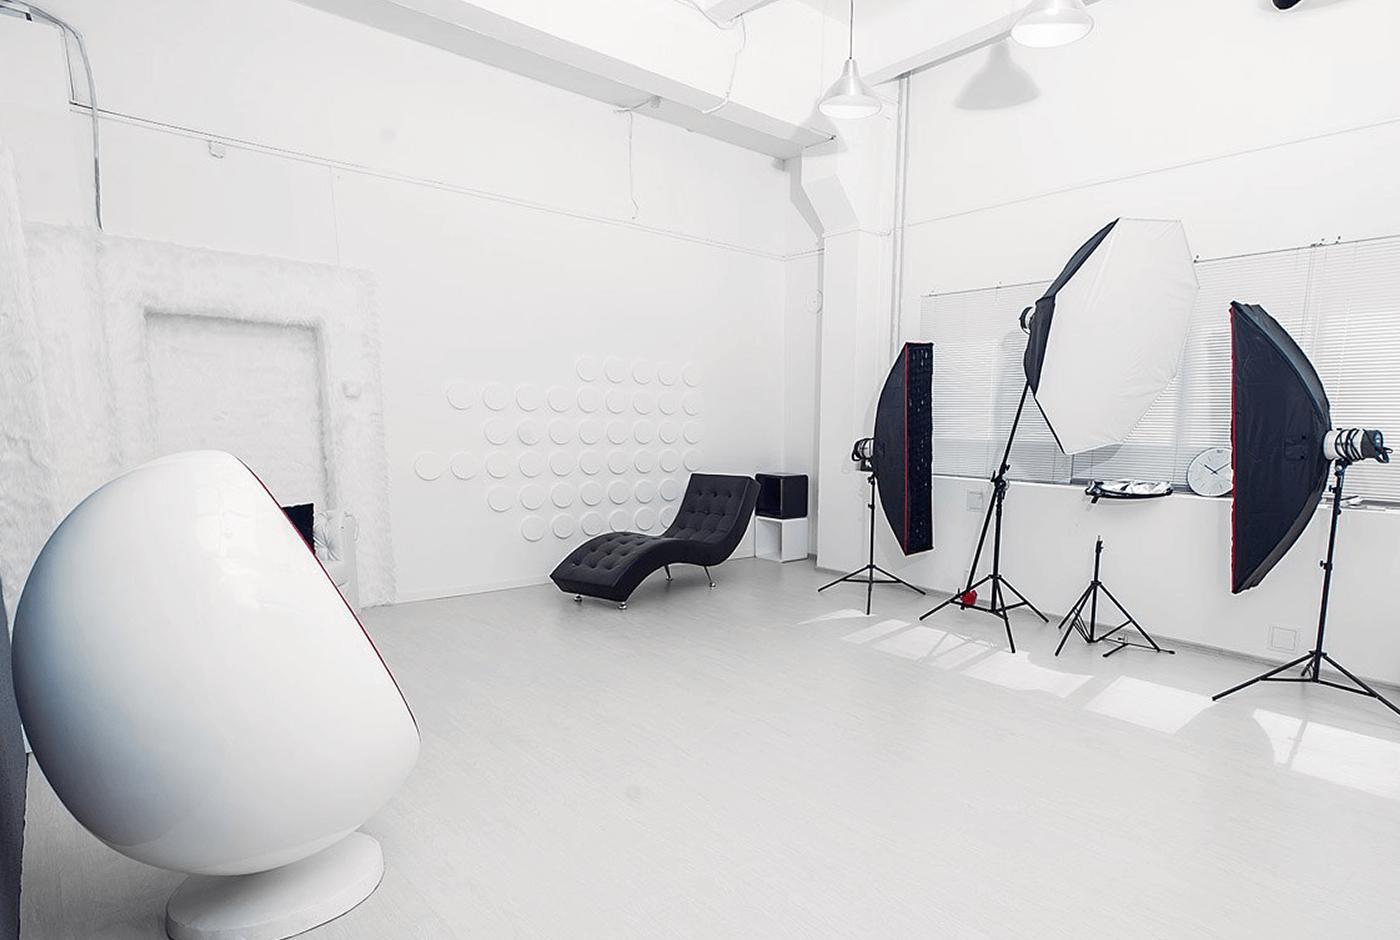 создания лучшие студии для фотосессии в санкт петербурге выдал кучу идей